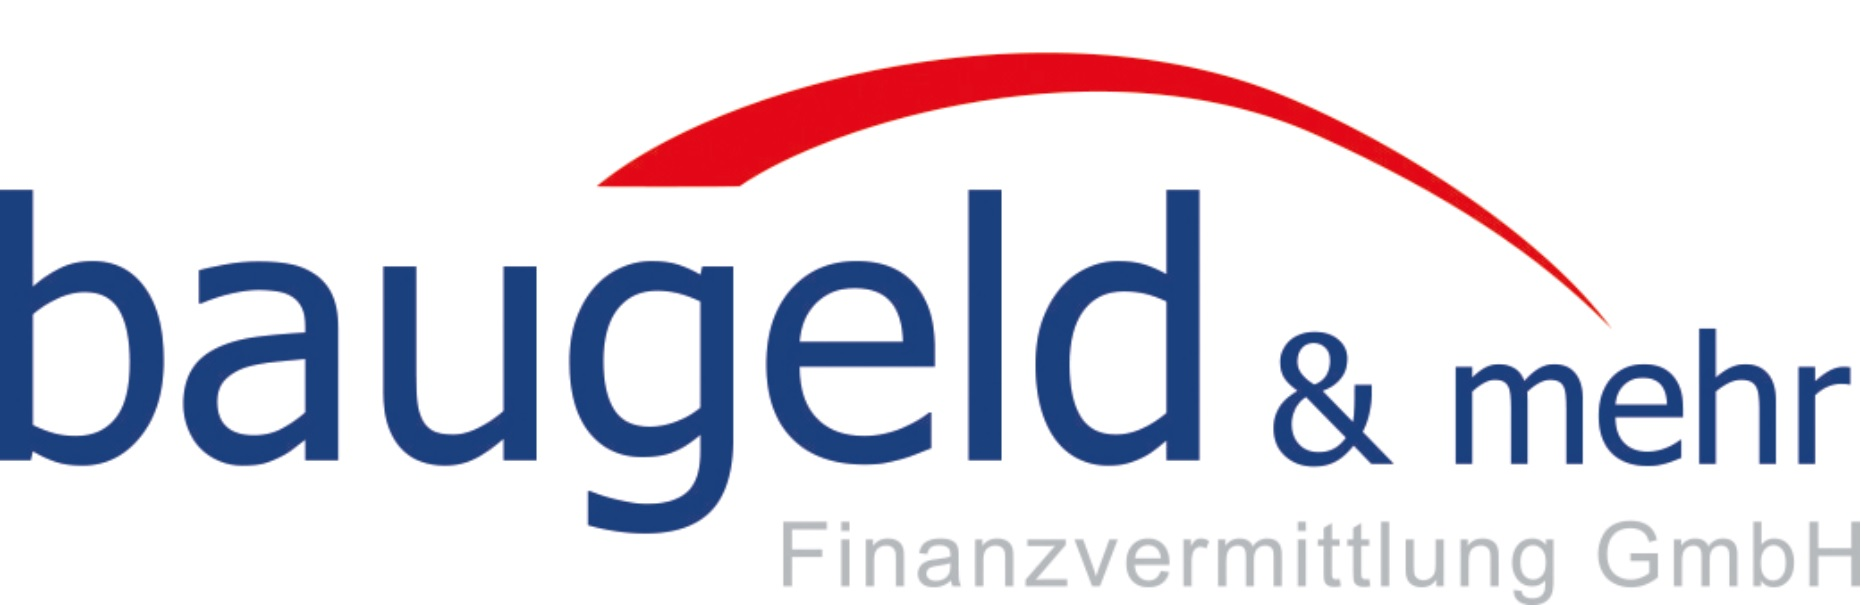 baugeld & mehr Finanzvermittlung GmbH - Ihr Baufinanzierer seit 2002